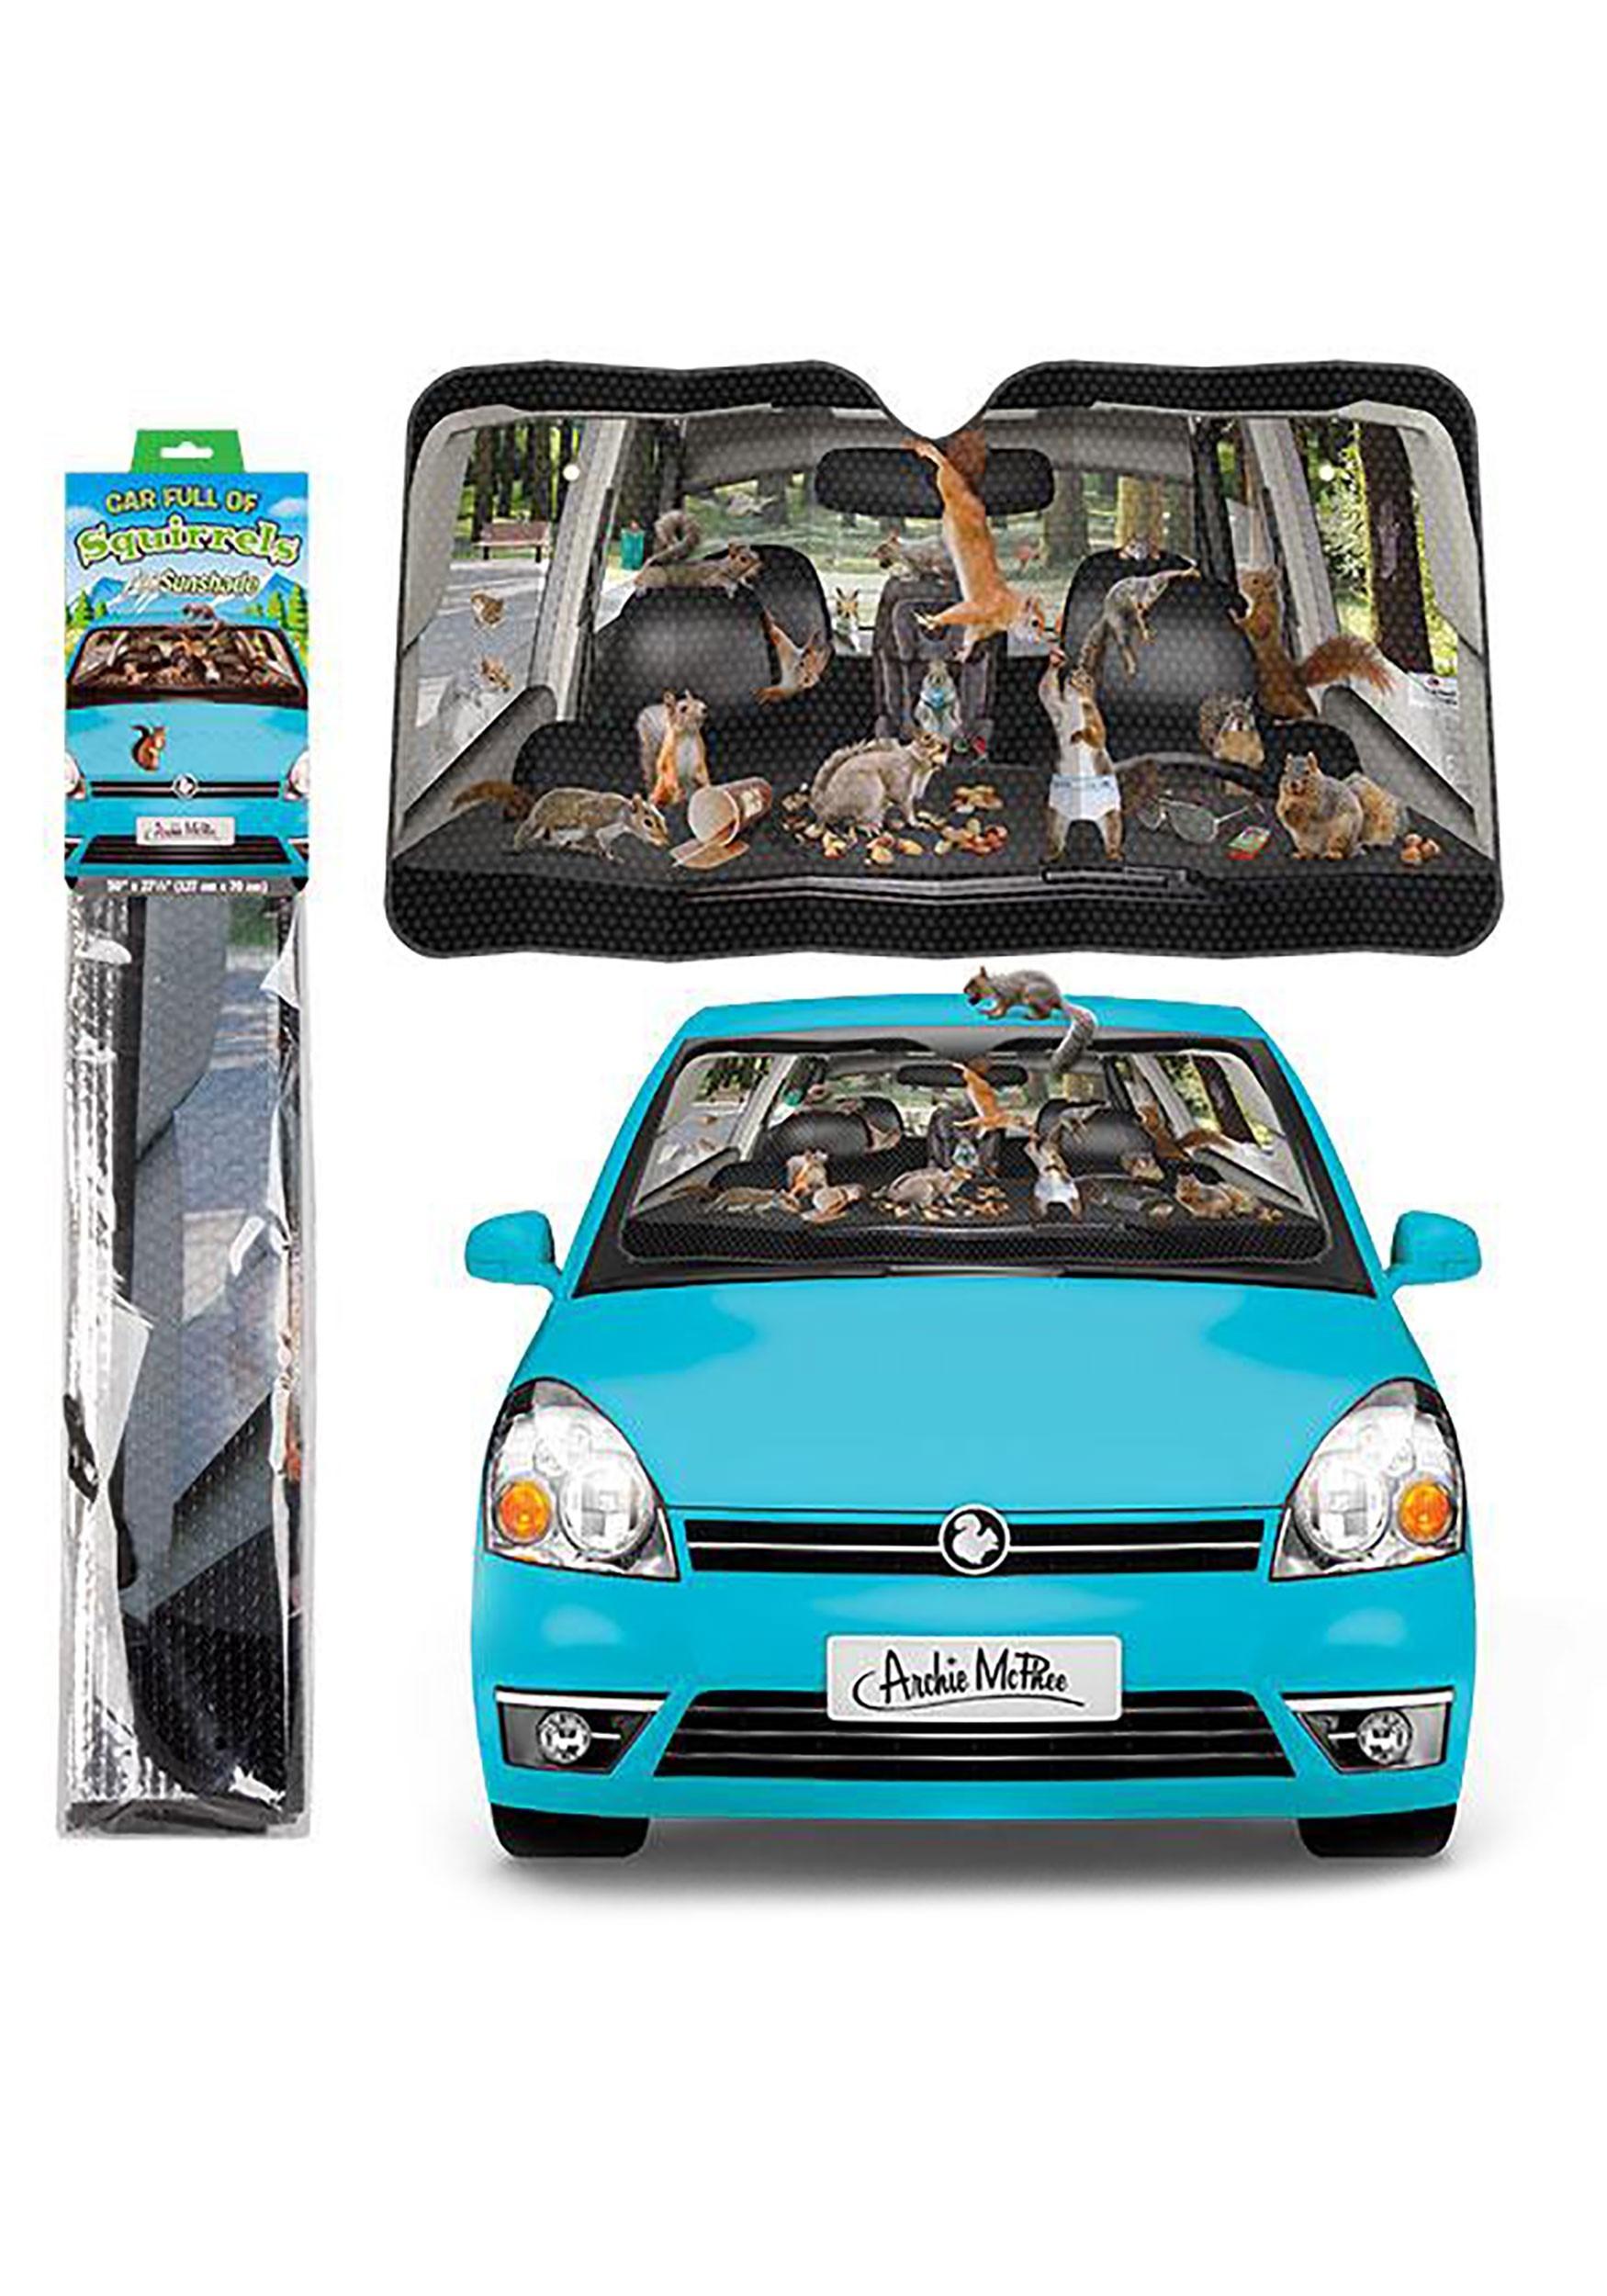 Car_Full_of_Squirrels__Auto_Sunshade